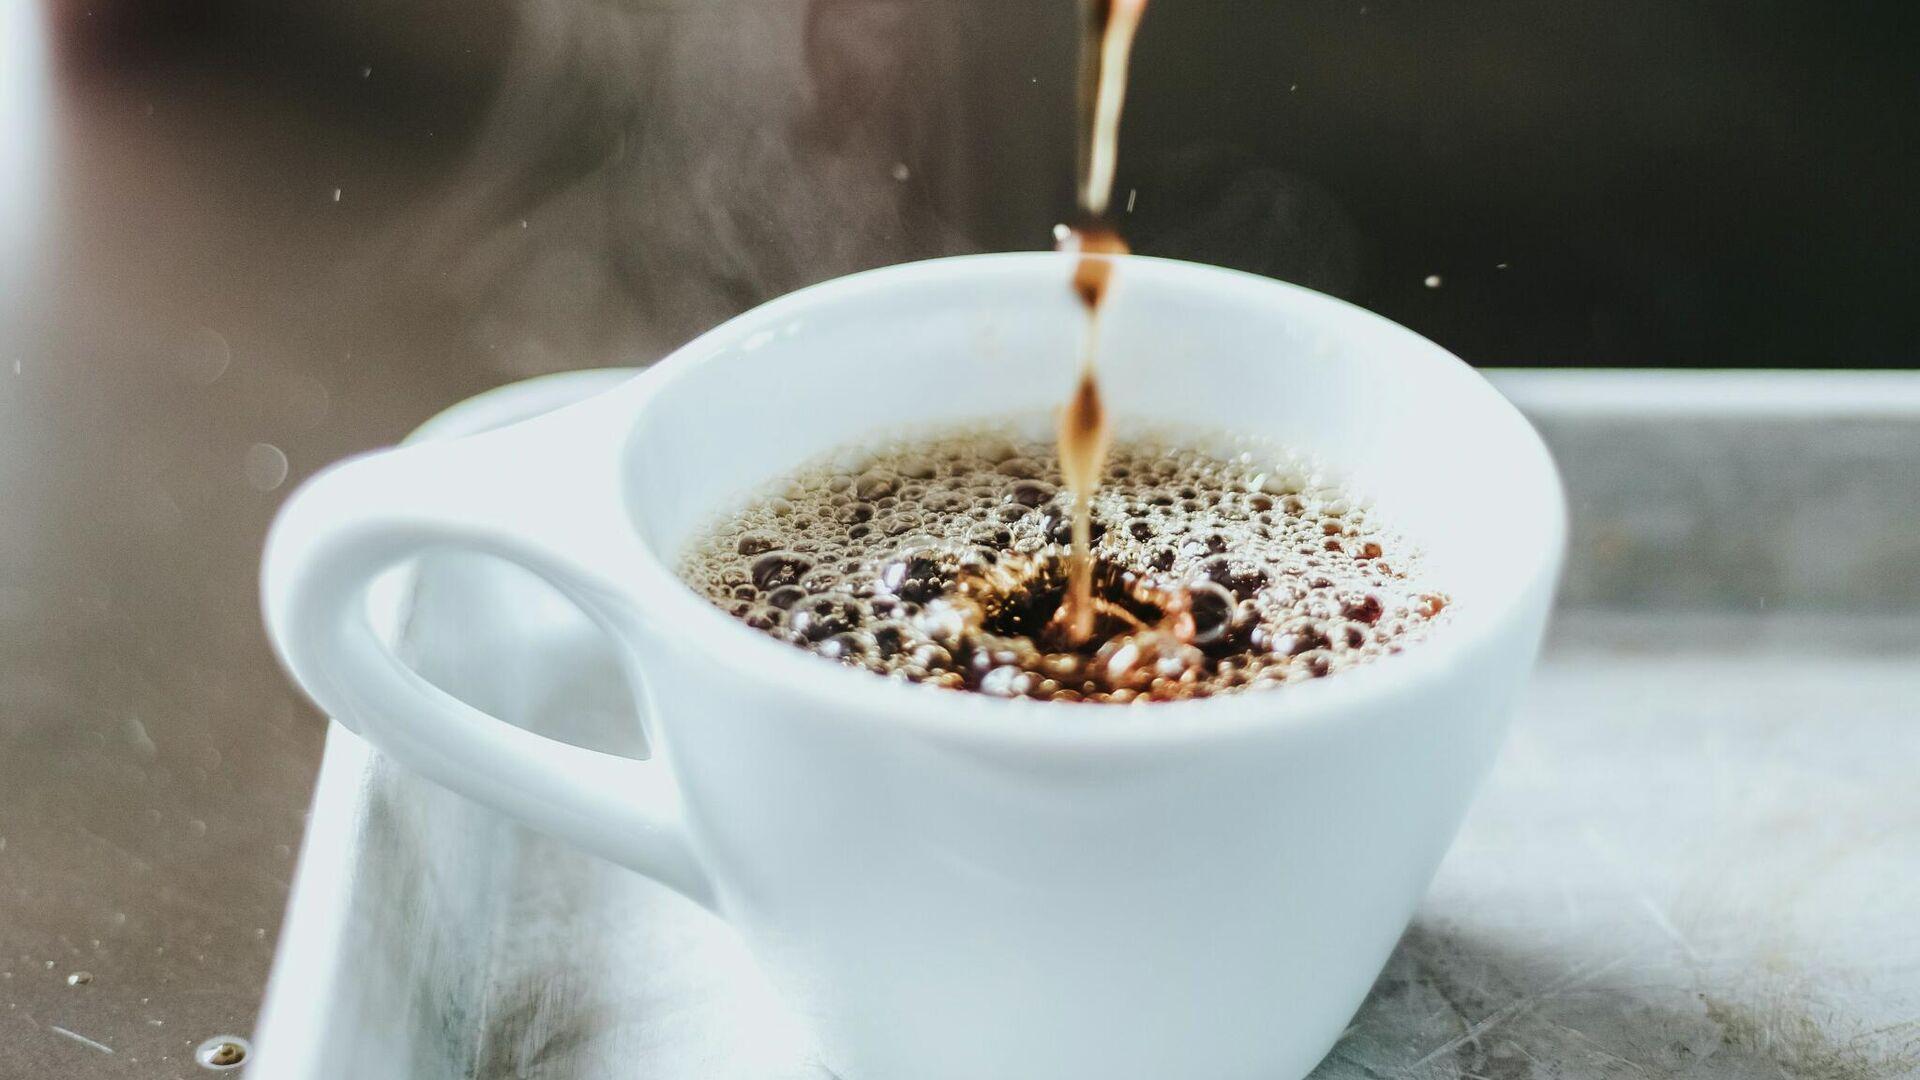 Una taza de café - Sputnik Mundo, 1920, 22.06.2021